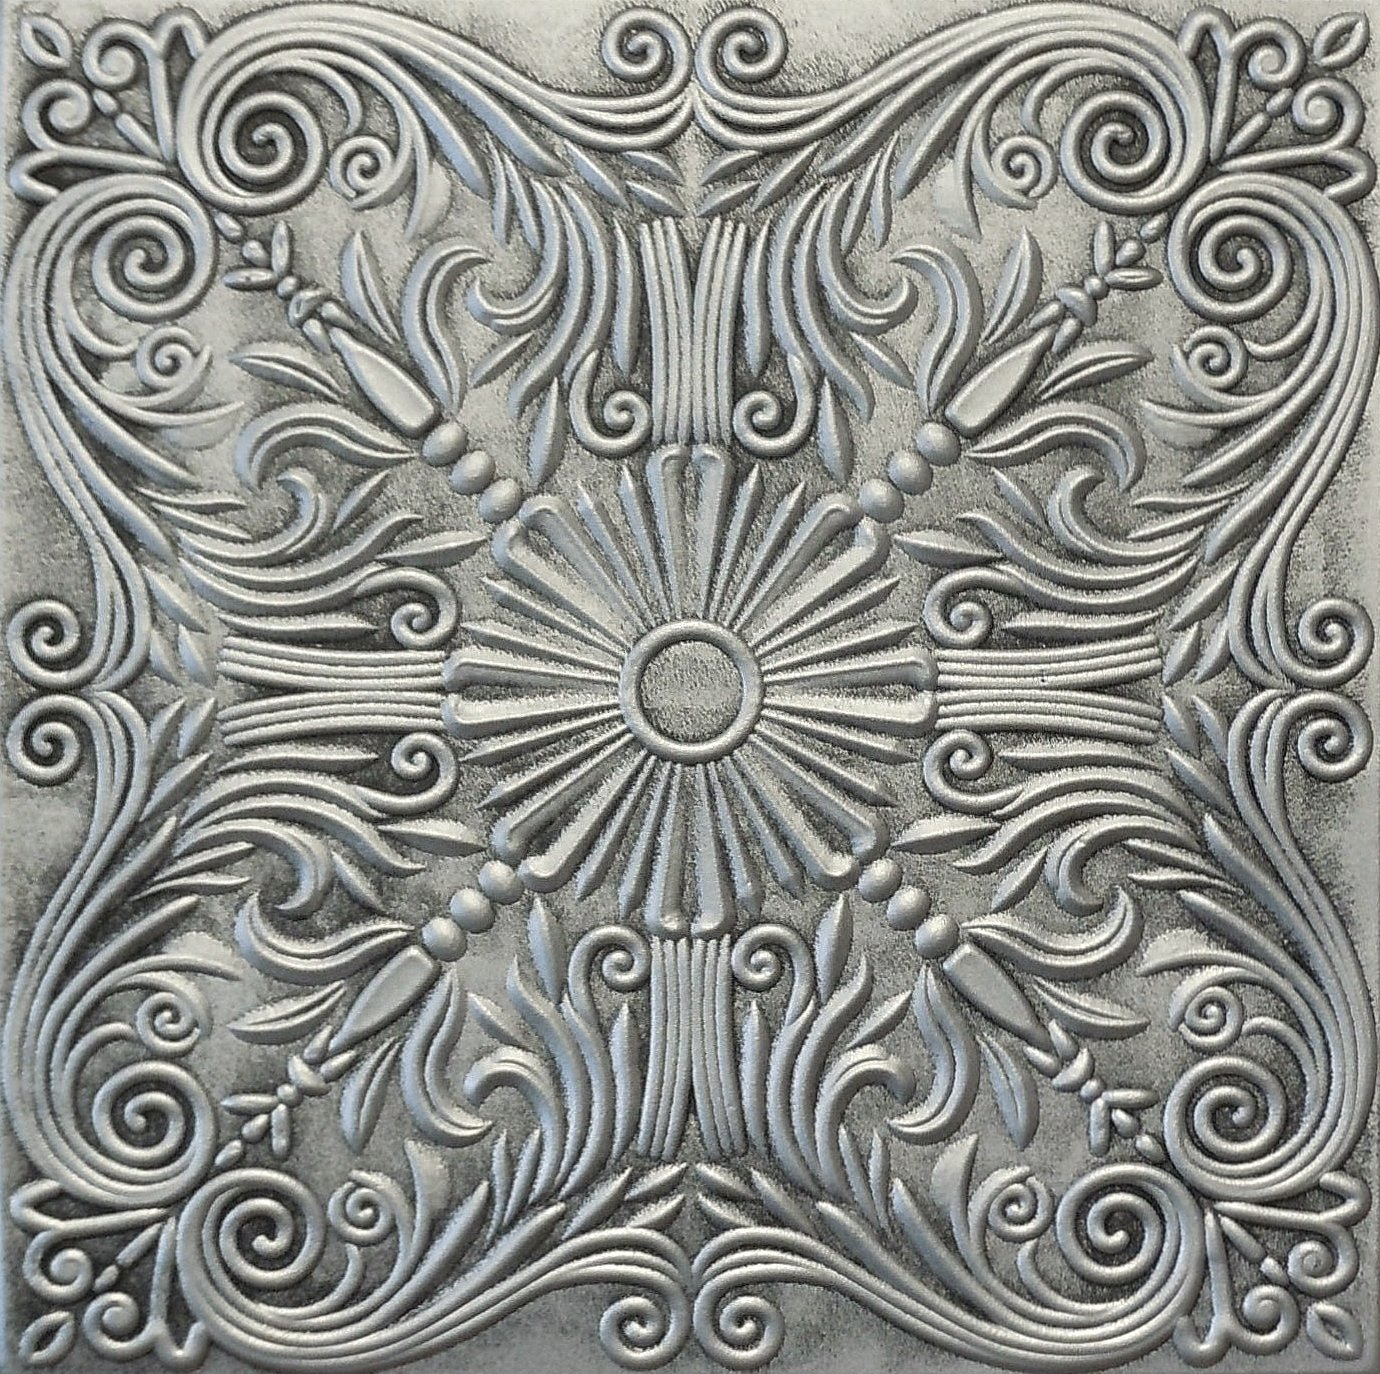 Amazon R39as Antique Silver 20x20 Amazing Styrofoam Tin Look